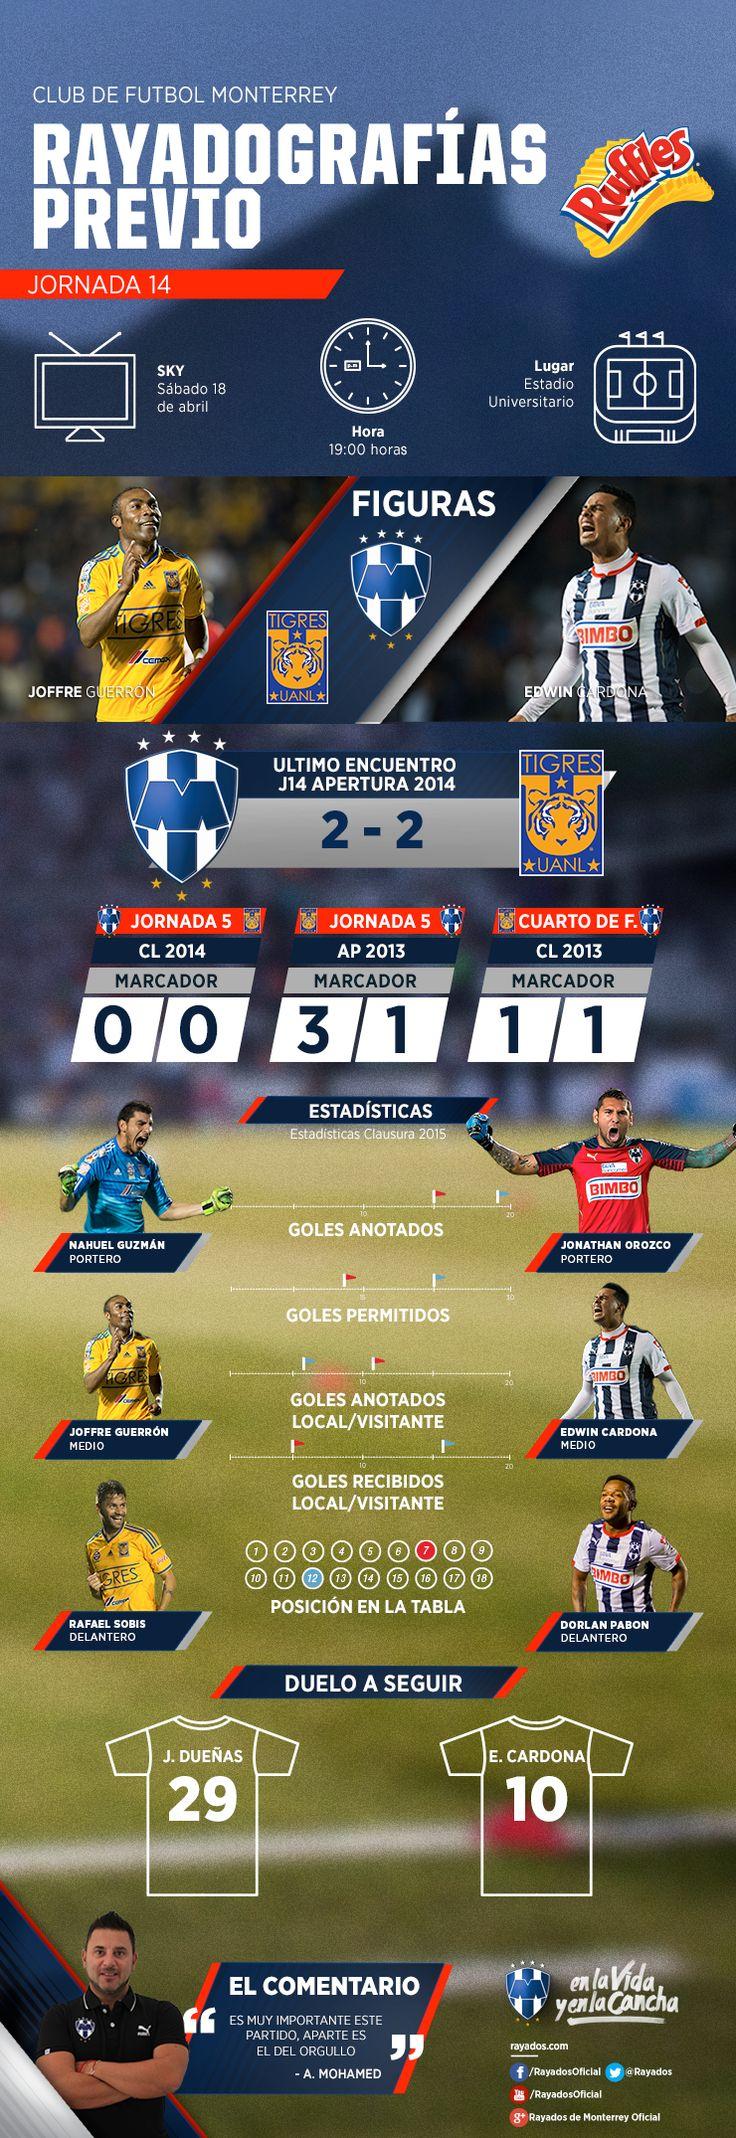 La #Rayadografía Previa del partido Tigres vs. #Rayados es presentada por Ruffles MX.  Da clic aquí para ver todos los detalles: http://www.rayados.com/noticias/8123/rayadografa_-_tigres_vs._rayados_previa